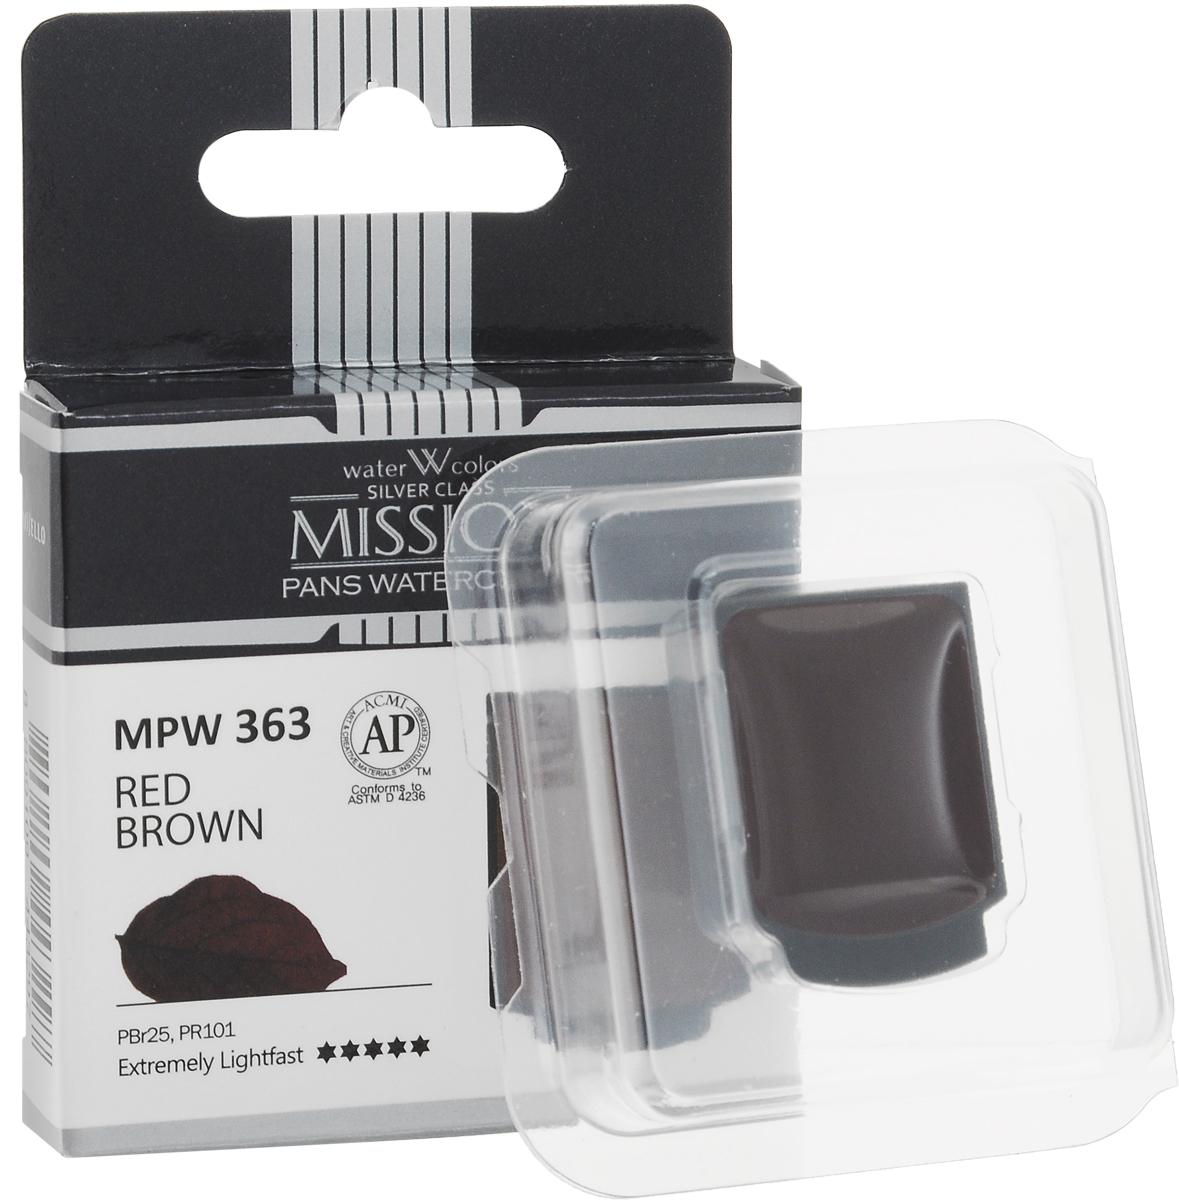 Mijello Акварель Mission Silver Pan 363 Красно-коричневый 2 мл MPW-363MPW-363Серия акварельных красок Корейского производителя Mijello - Mission Silver это студийная серия красок. Эта серия акварели была создана компанией Mijello в сотрудничестве с экспертами в области акварельной живописи. В этой серии идеально сочетается цена и качество красок, что позволяет ей быть востребованной среди большого количества художников. Цвета акварели серии Mission Silver это смеси пигментов тонкого помола с высококачественными компонентами и гуммиарабиком. Эти краски предлагаются в кюветах. Максимальное количество цветов в этой серии - 24 цвета.Используйте краски Mijello серии Mission Silver для акварельной живописи по мокрому, они идеально подойдут для подобной техники работы с акварелью. Акварель Mijello Mission White будет отличным выбором как начинающему художнику, так и профессионалу.